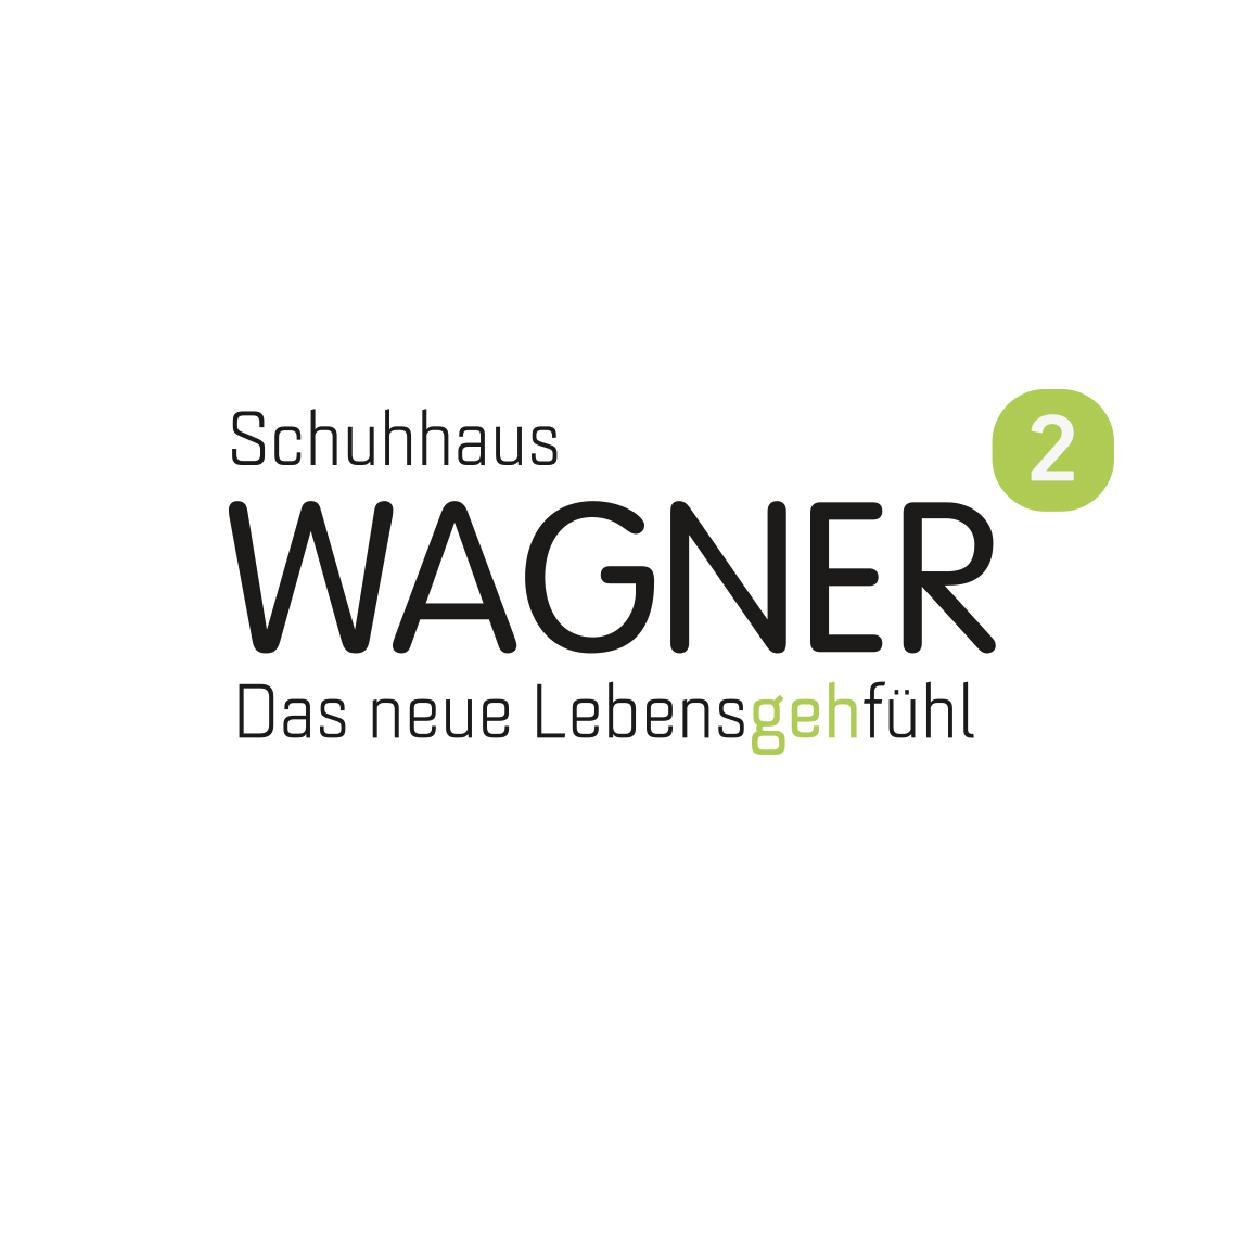 Logo_Wagner_Zeichenfläche 1.jpg